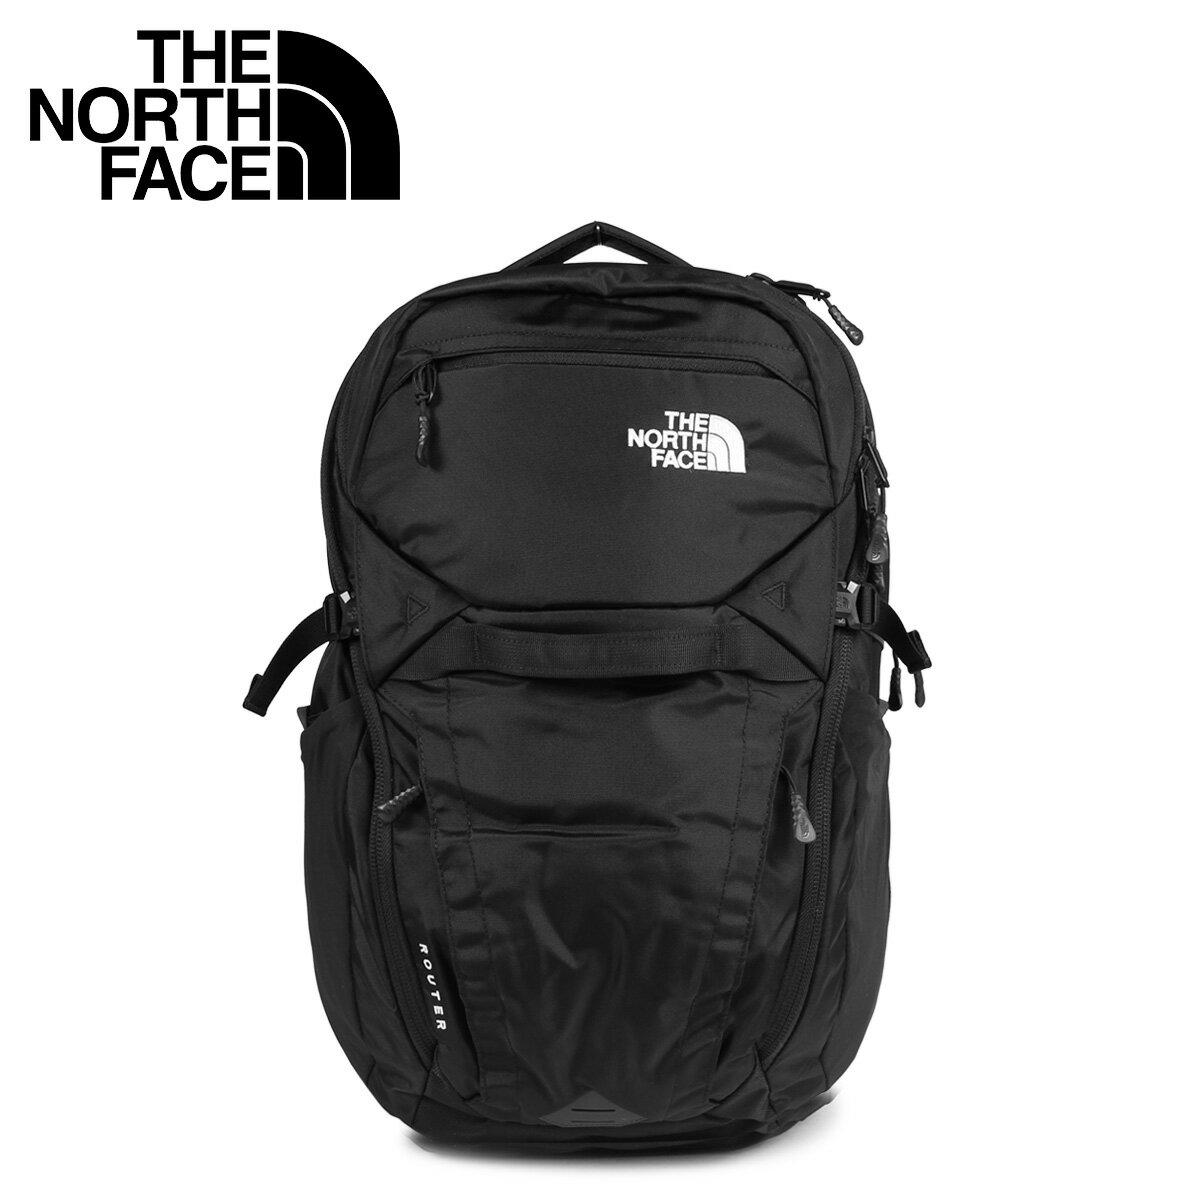 THE NORTH FACE ROUTER ノースフェイス リュック バッグ バックパック ルーター メンズ レディース 40L ブラック 黒 NF0A3ETU [4/16 新入荷]